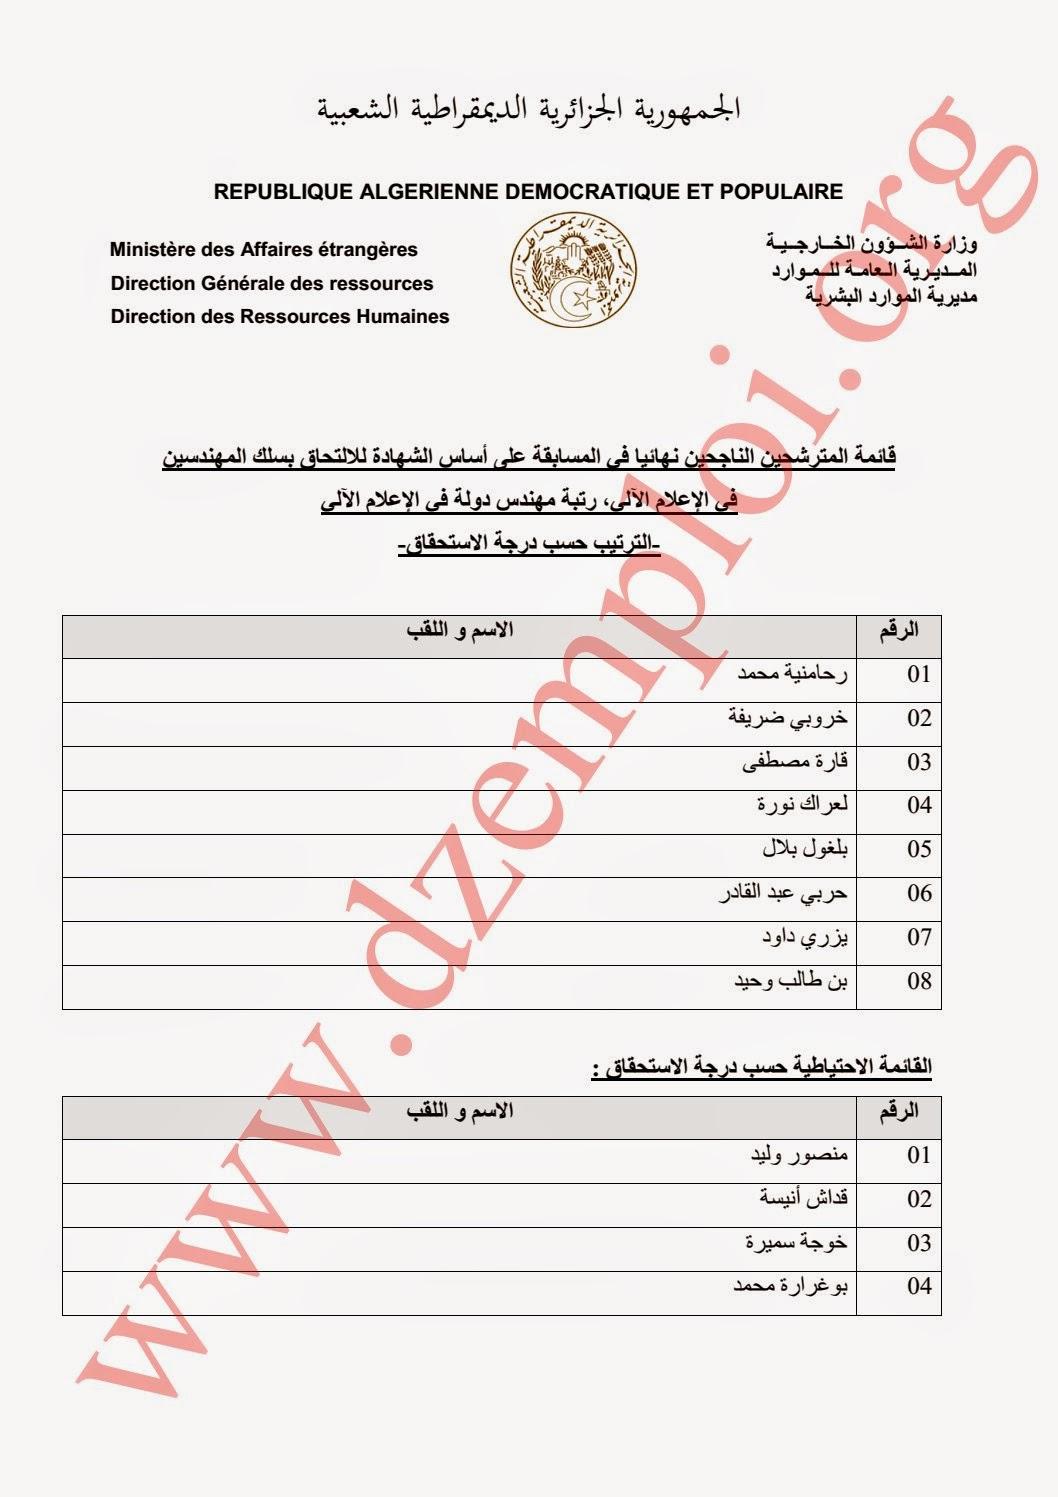 قائمة المترشحين الناجحين نهائيا في مسابقة وزارة الخارجية الخاصة برتب الأسلاك المشتركة 2014 2.jpg